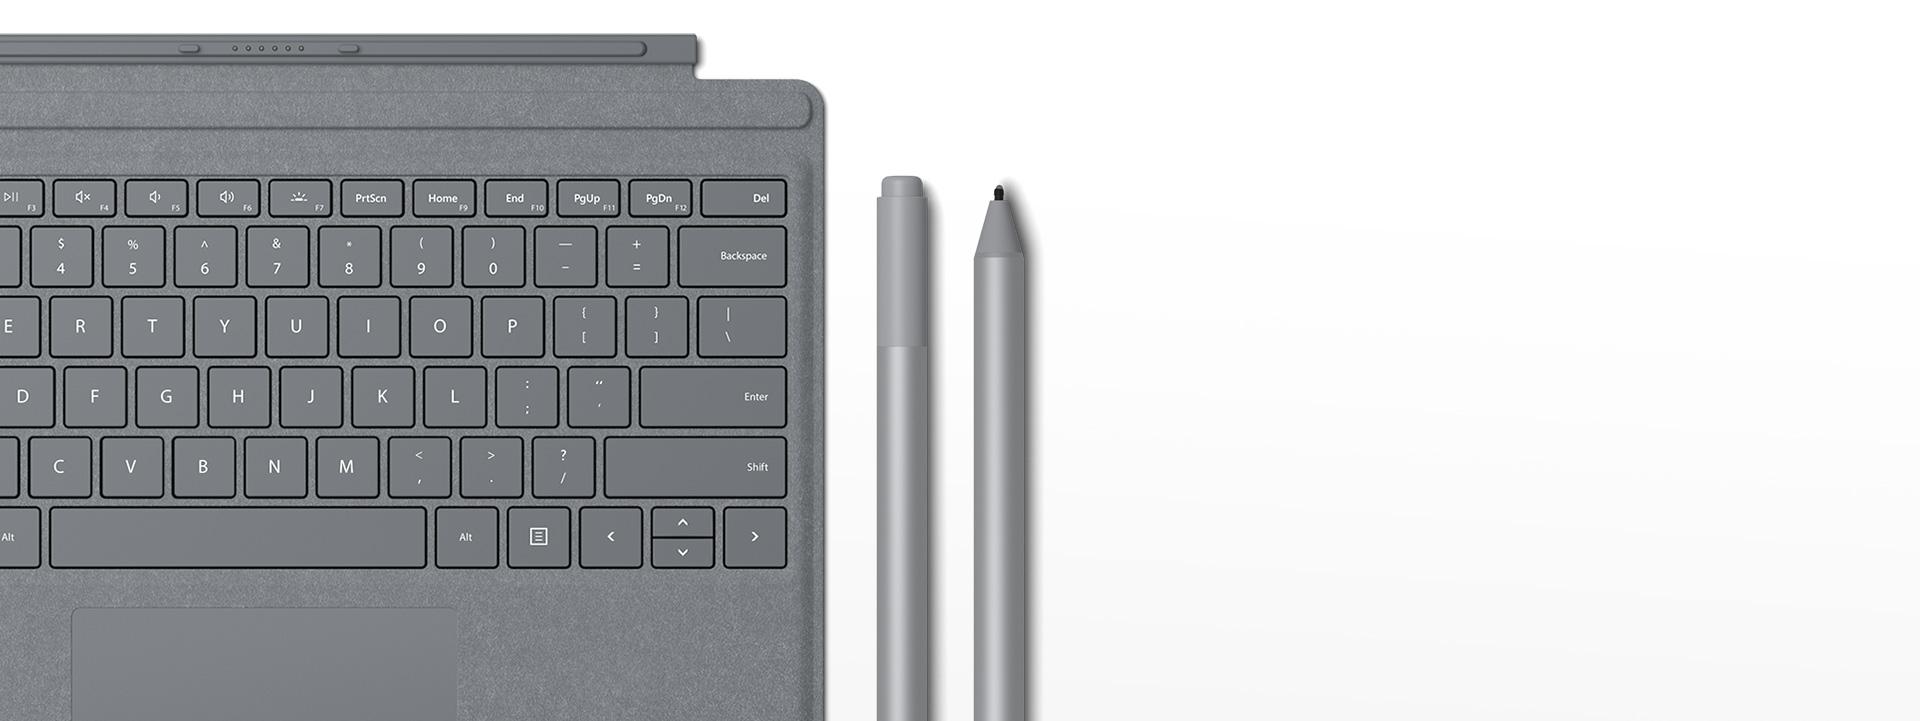 Surface Pro タイプ カバー、Surface ペン、Surface ペン先キット